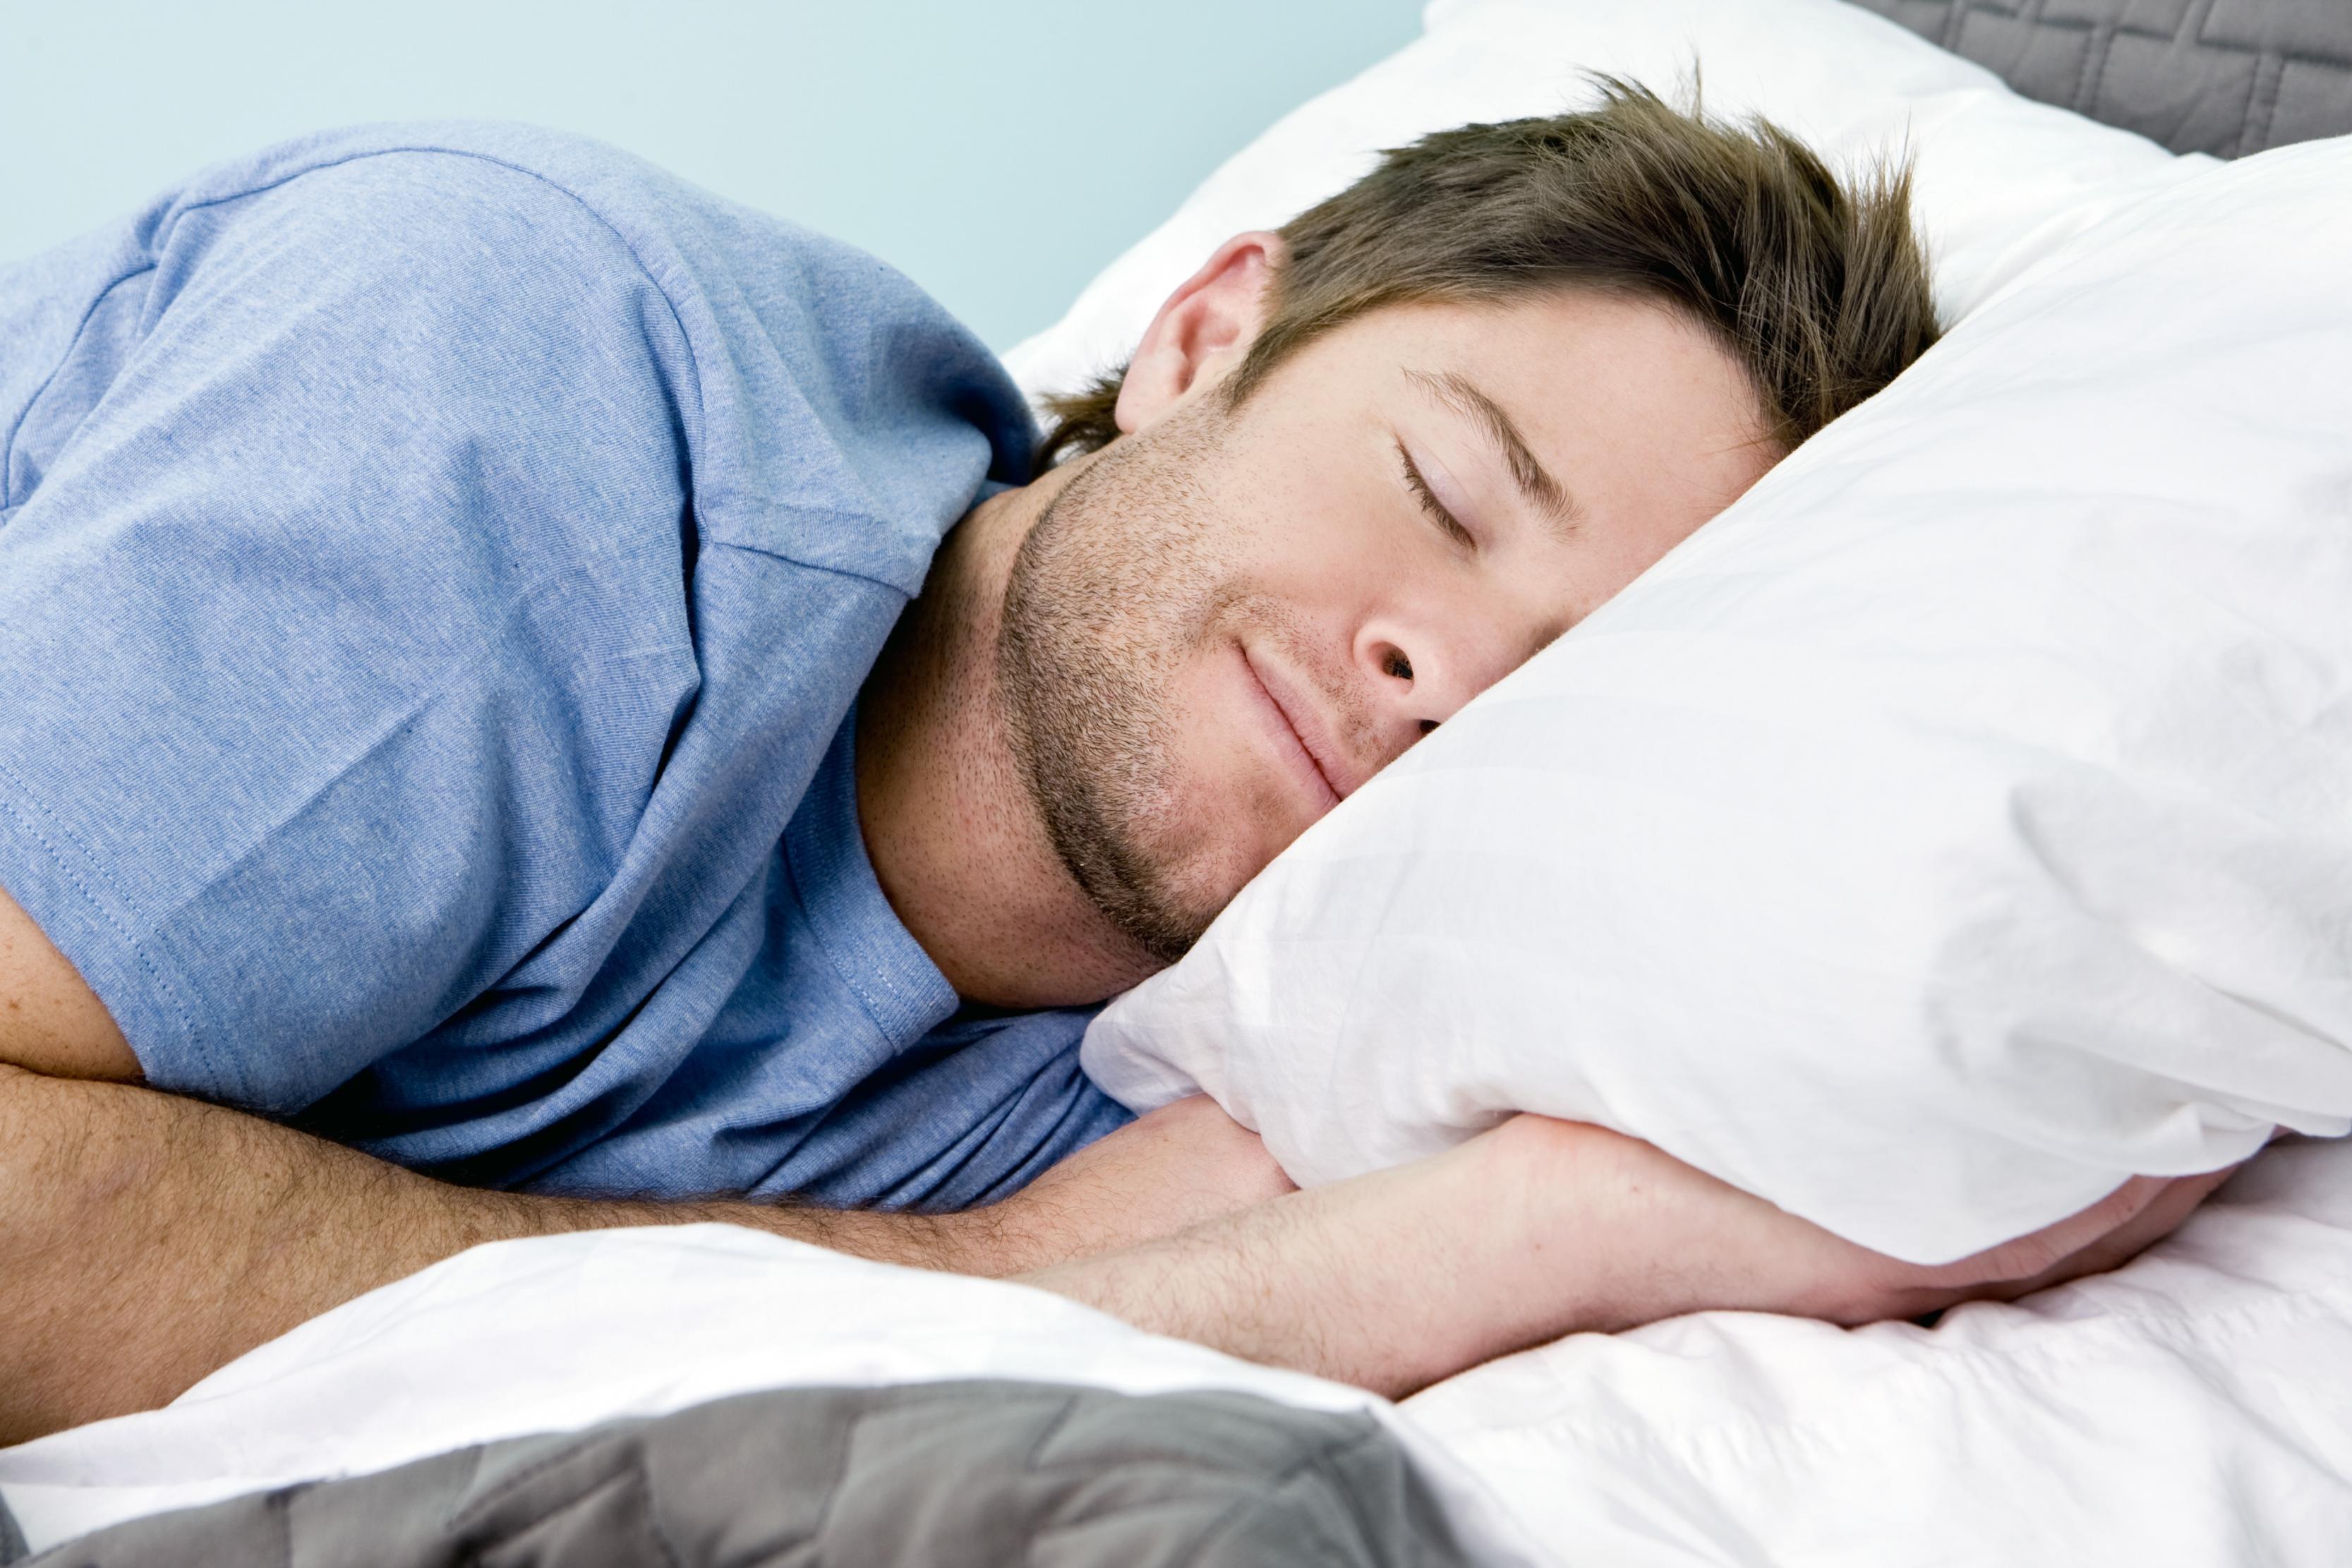 بالصور اسباب كثرة النوم , اسباب النوم الكثير 2209 2